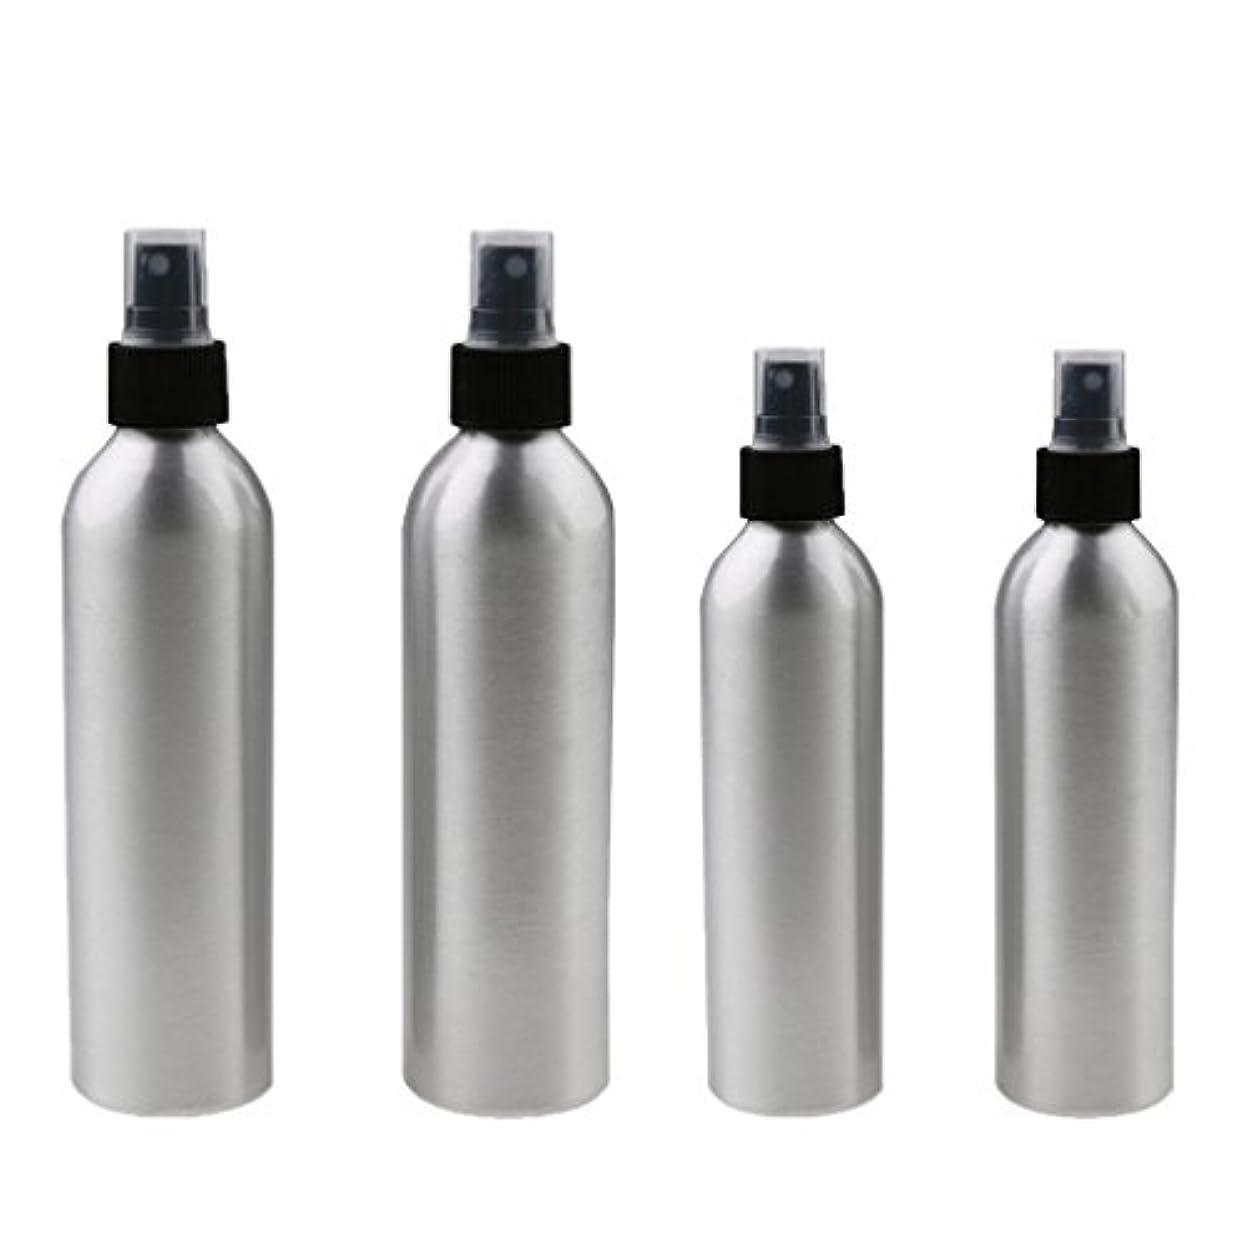 不信水素大統領4本入り スプレーボトル 100mlと150ml各2本 アルミミスト スプレー 香水 ボトル スプレーアトマイザー